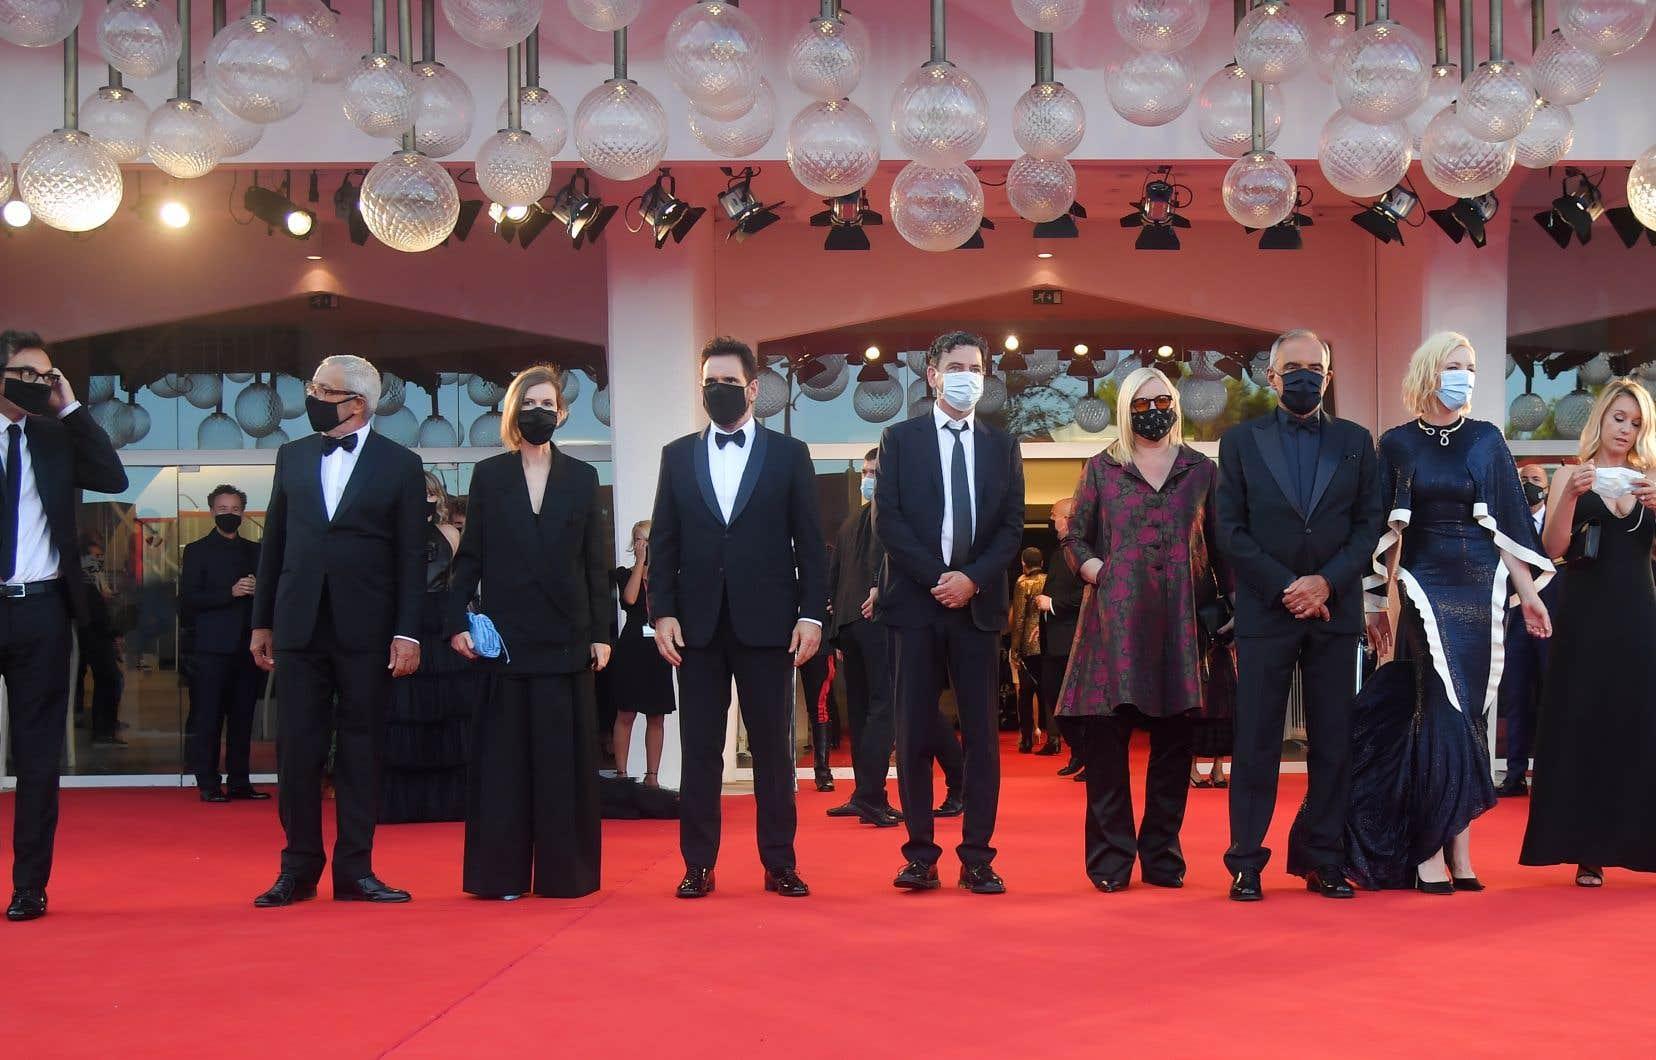 La présidente du jury a appelé l'industrie du cinéma à profiter de la crise pour faire son aggiornamento sur la place de la diffusion en continuet des salles de cinéma.